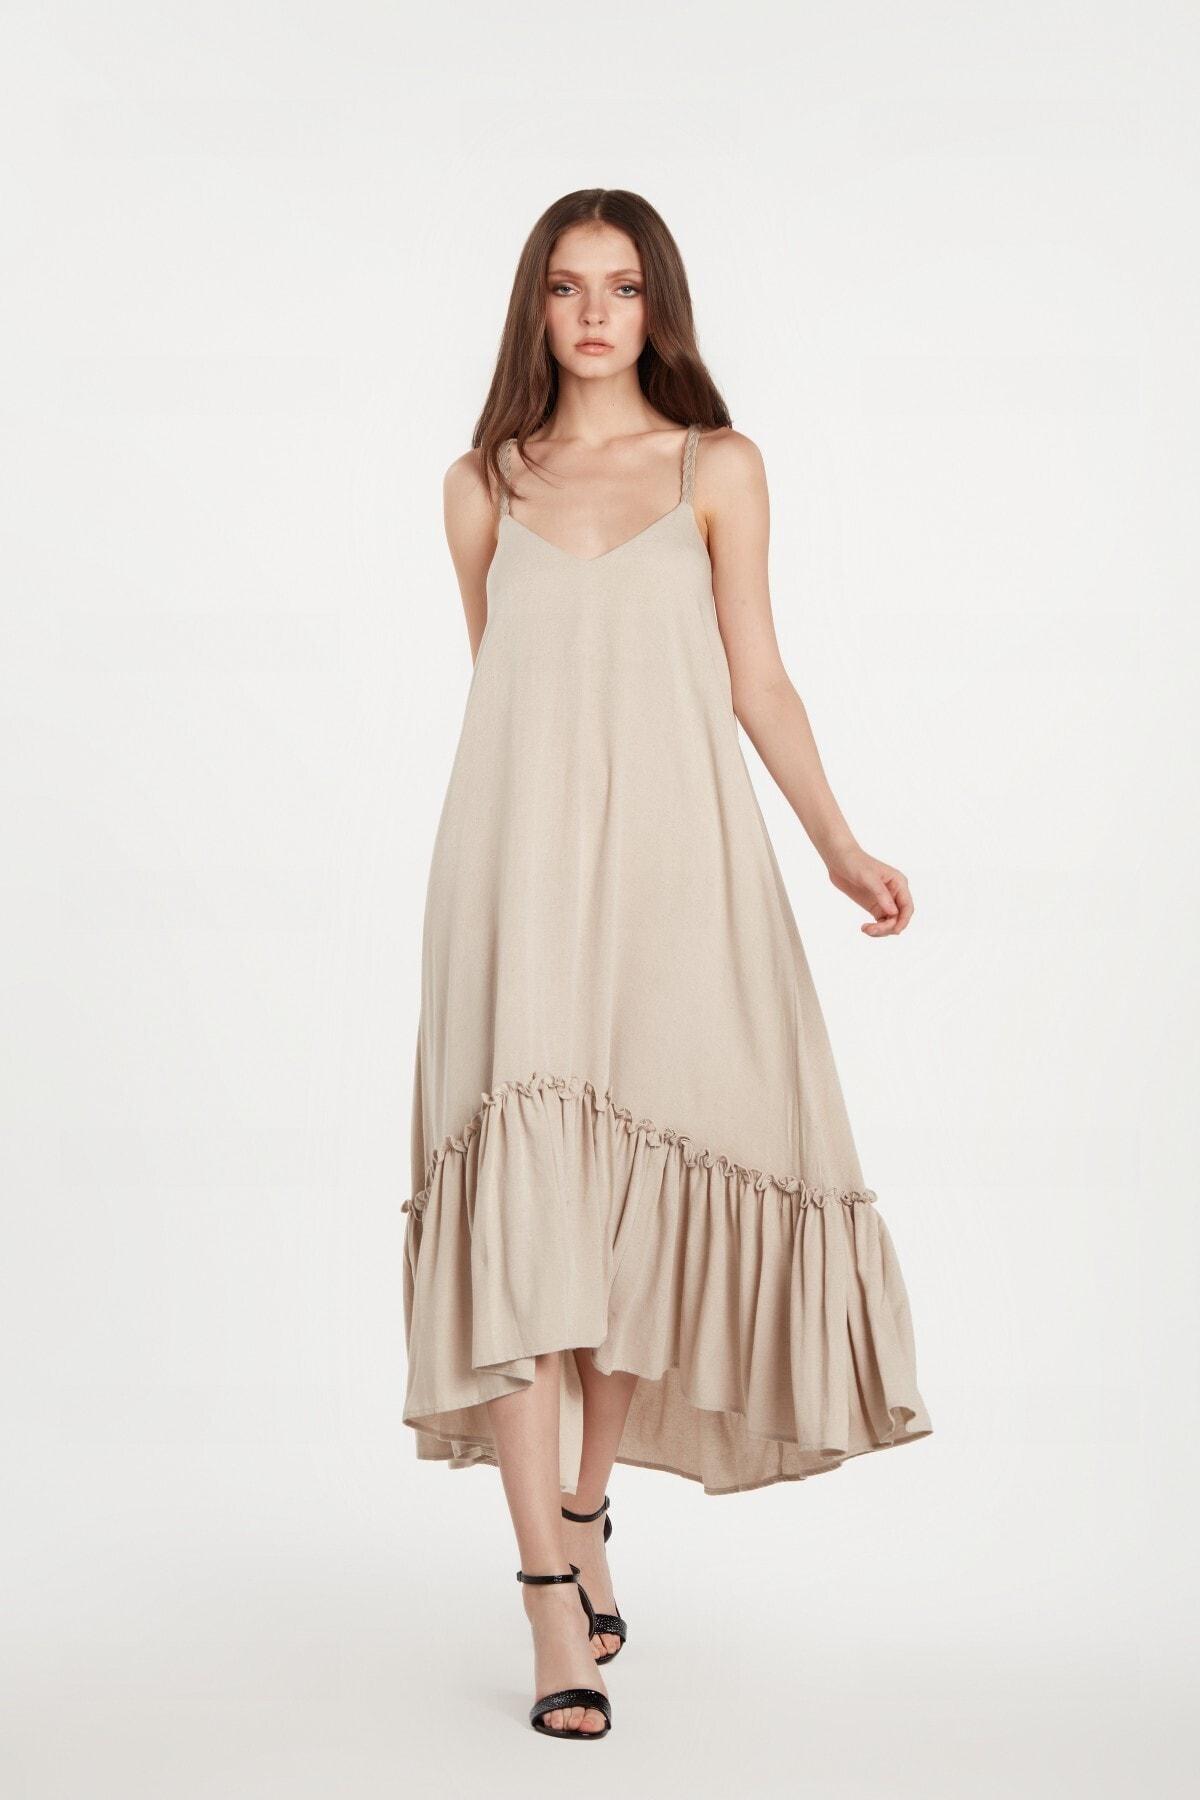 LOVEMETOO Kadın Amelie Bej Rengi Elbise 20y01 2